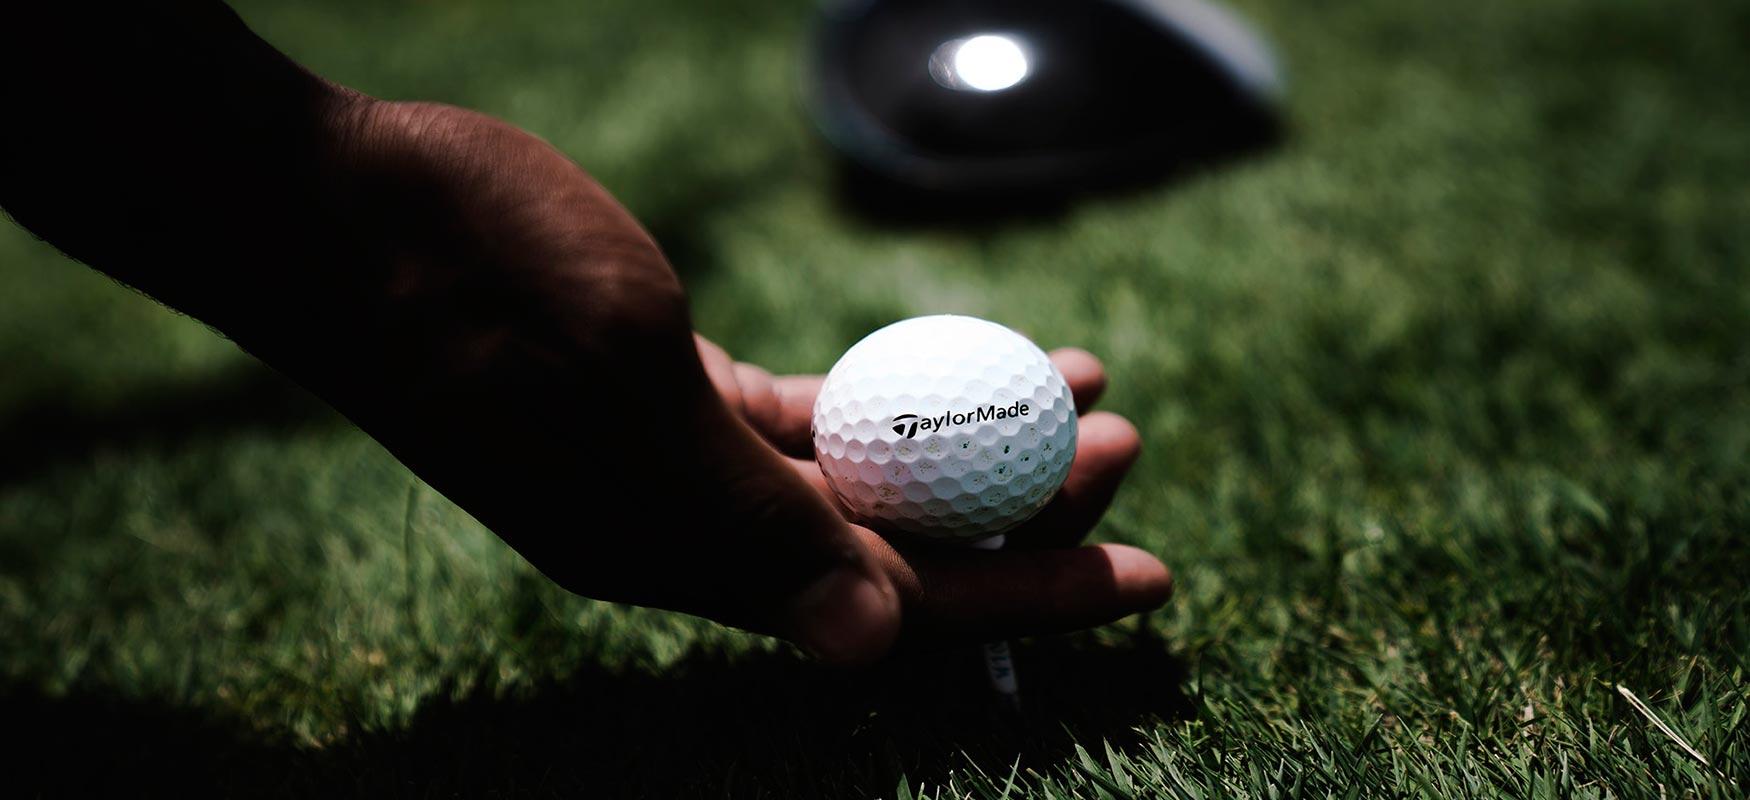 VRL-Abogados-Golf--elaboracion-de-propuestas-de-patrocinio